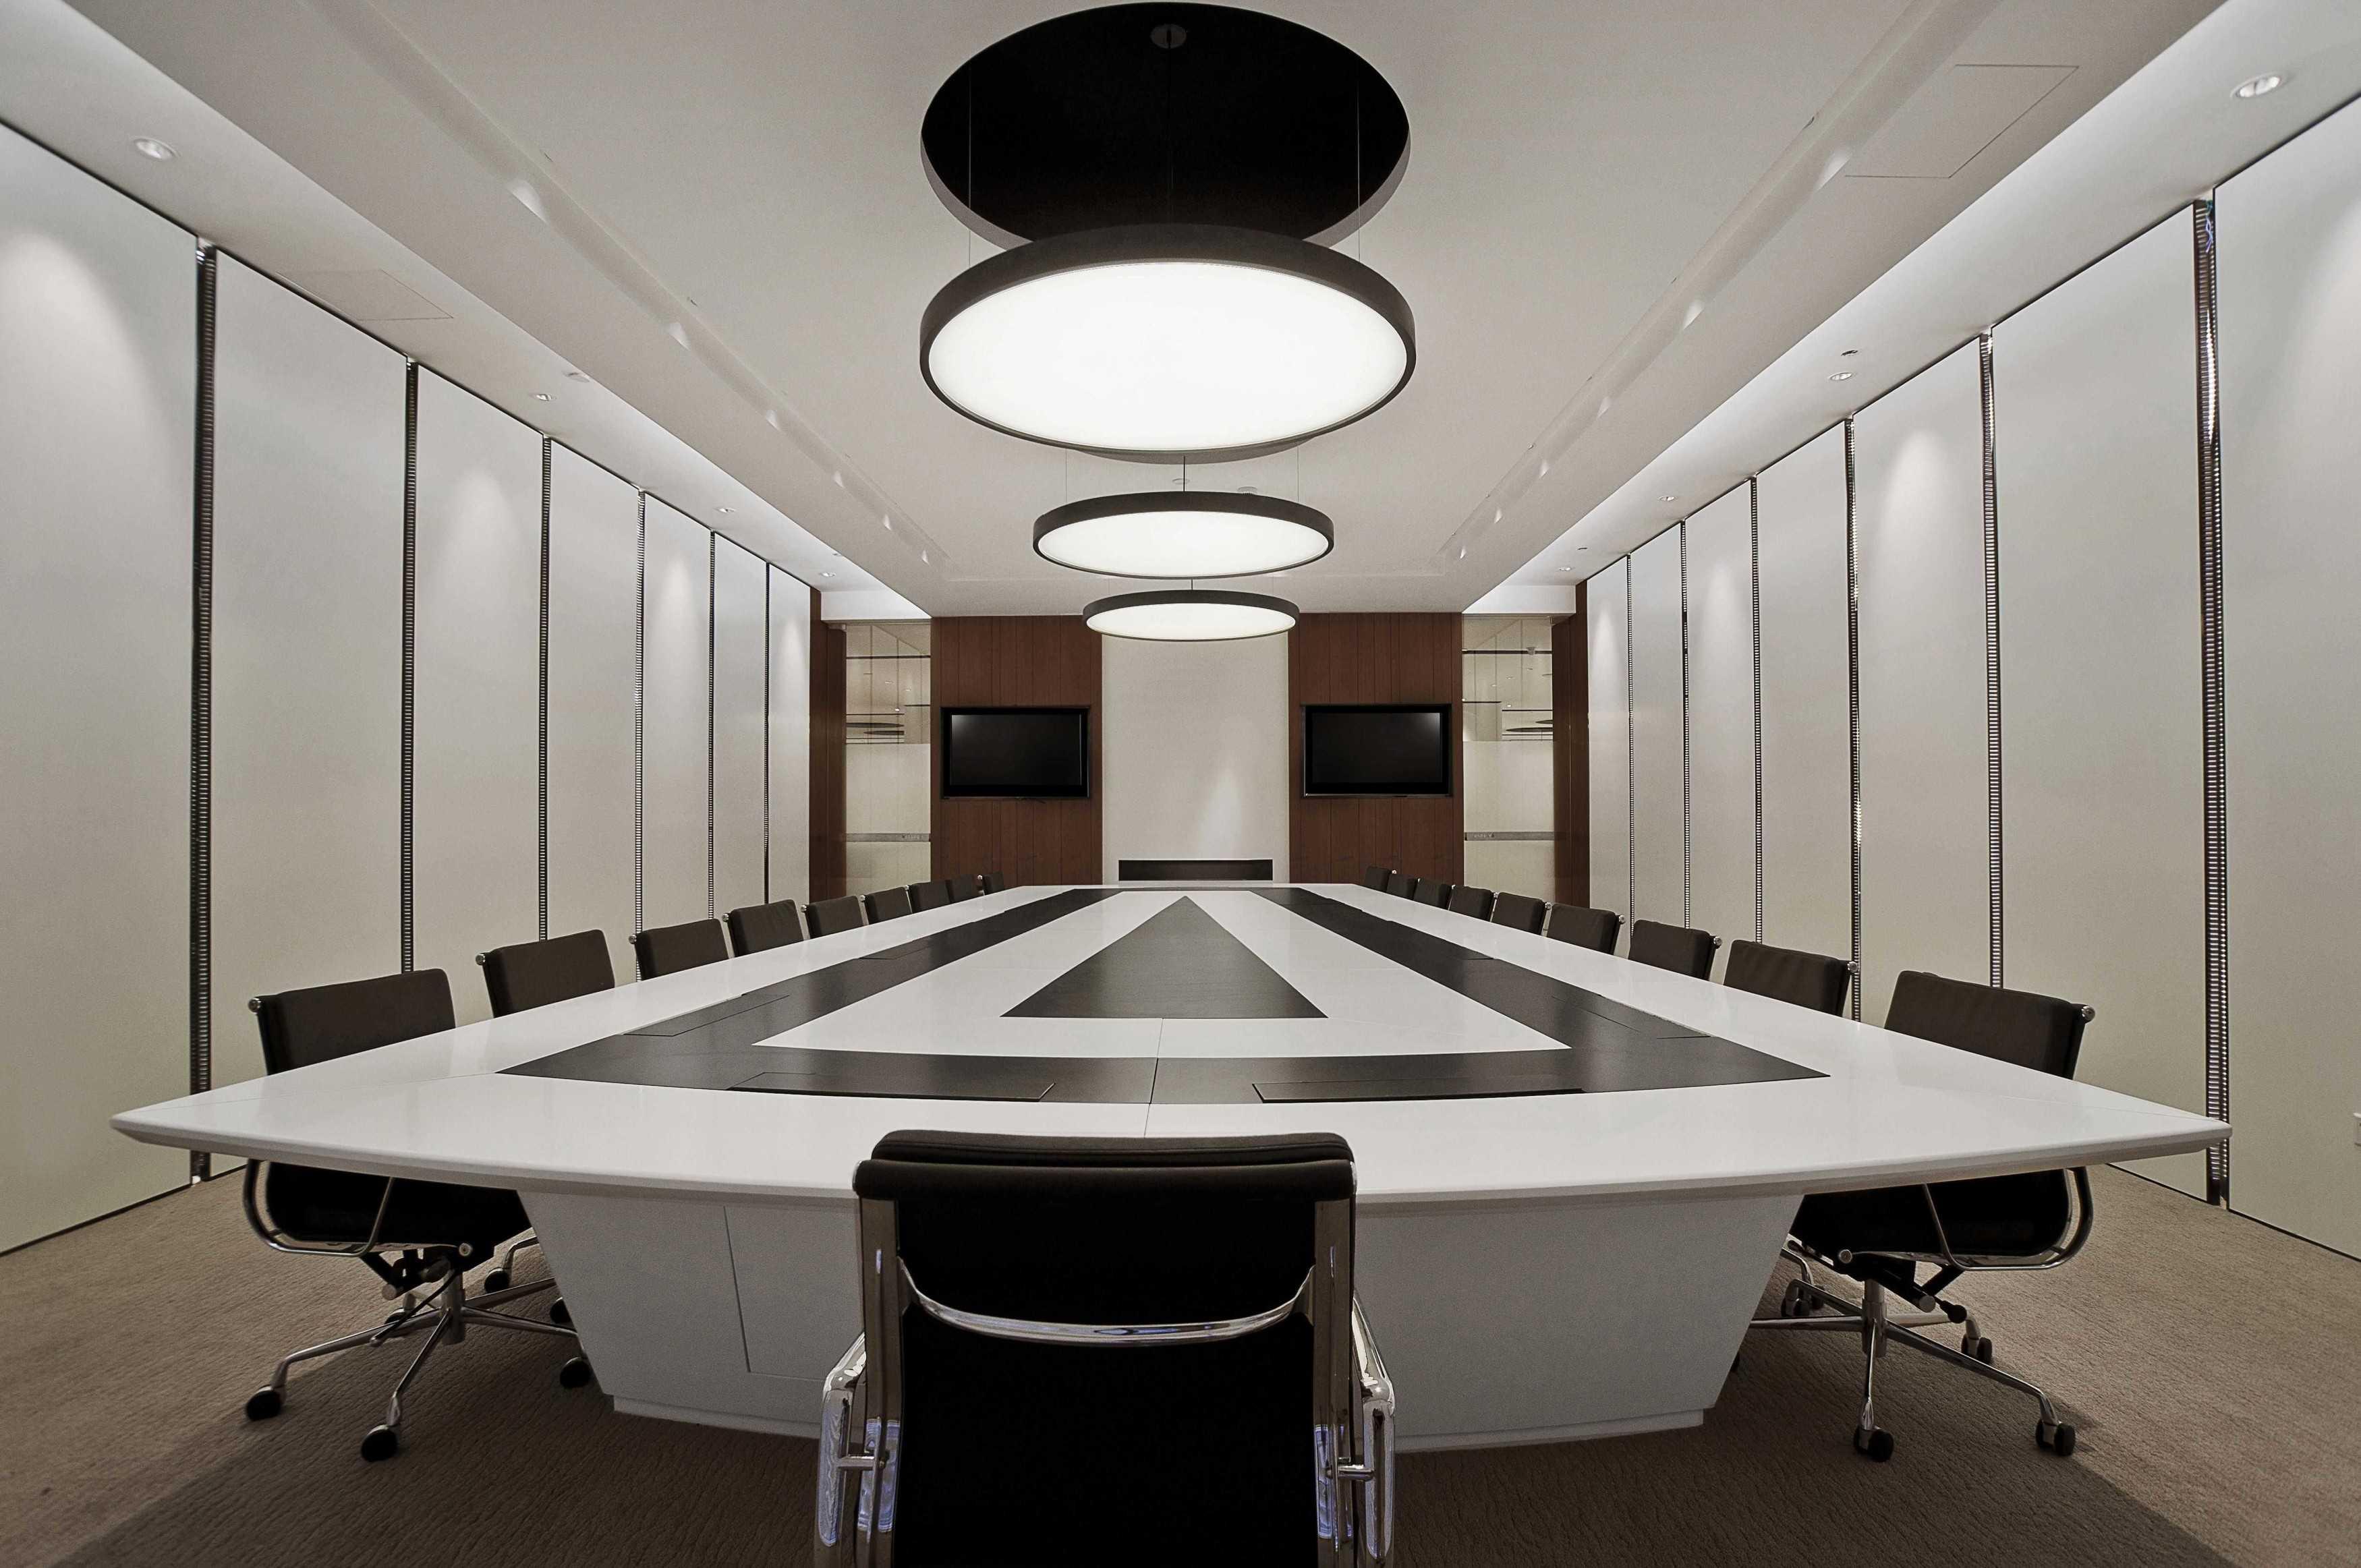 Bej.interior Office Jakarta, Daerah Khusus Ibukota Jakarta, Indonesia Jakarta, Daerah Khusus Ibukota Jakarta, Indonesia Bejinterior-Office   80482